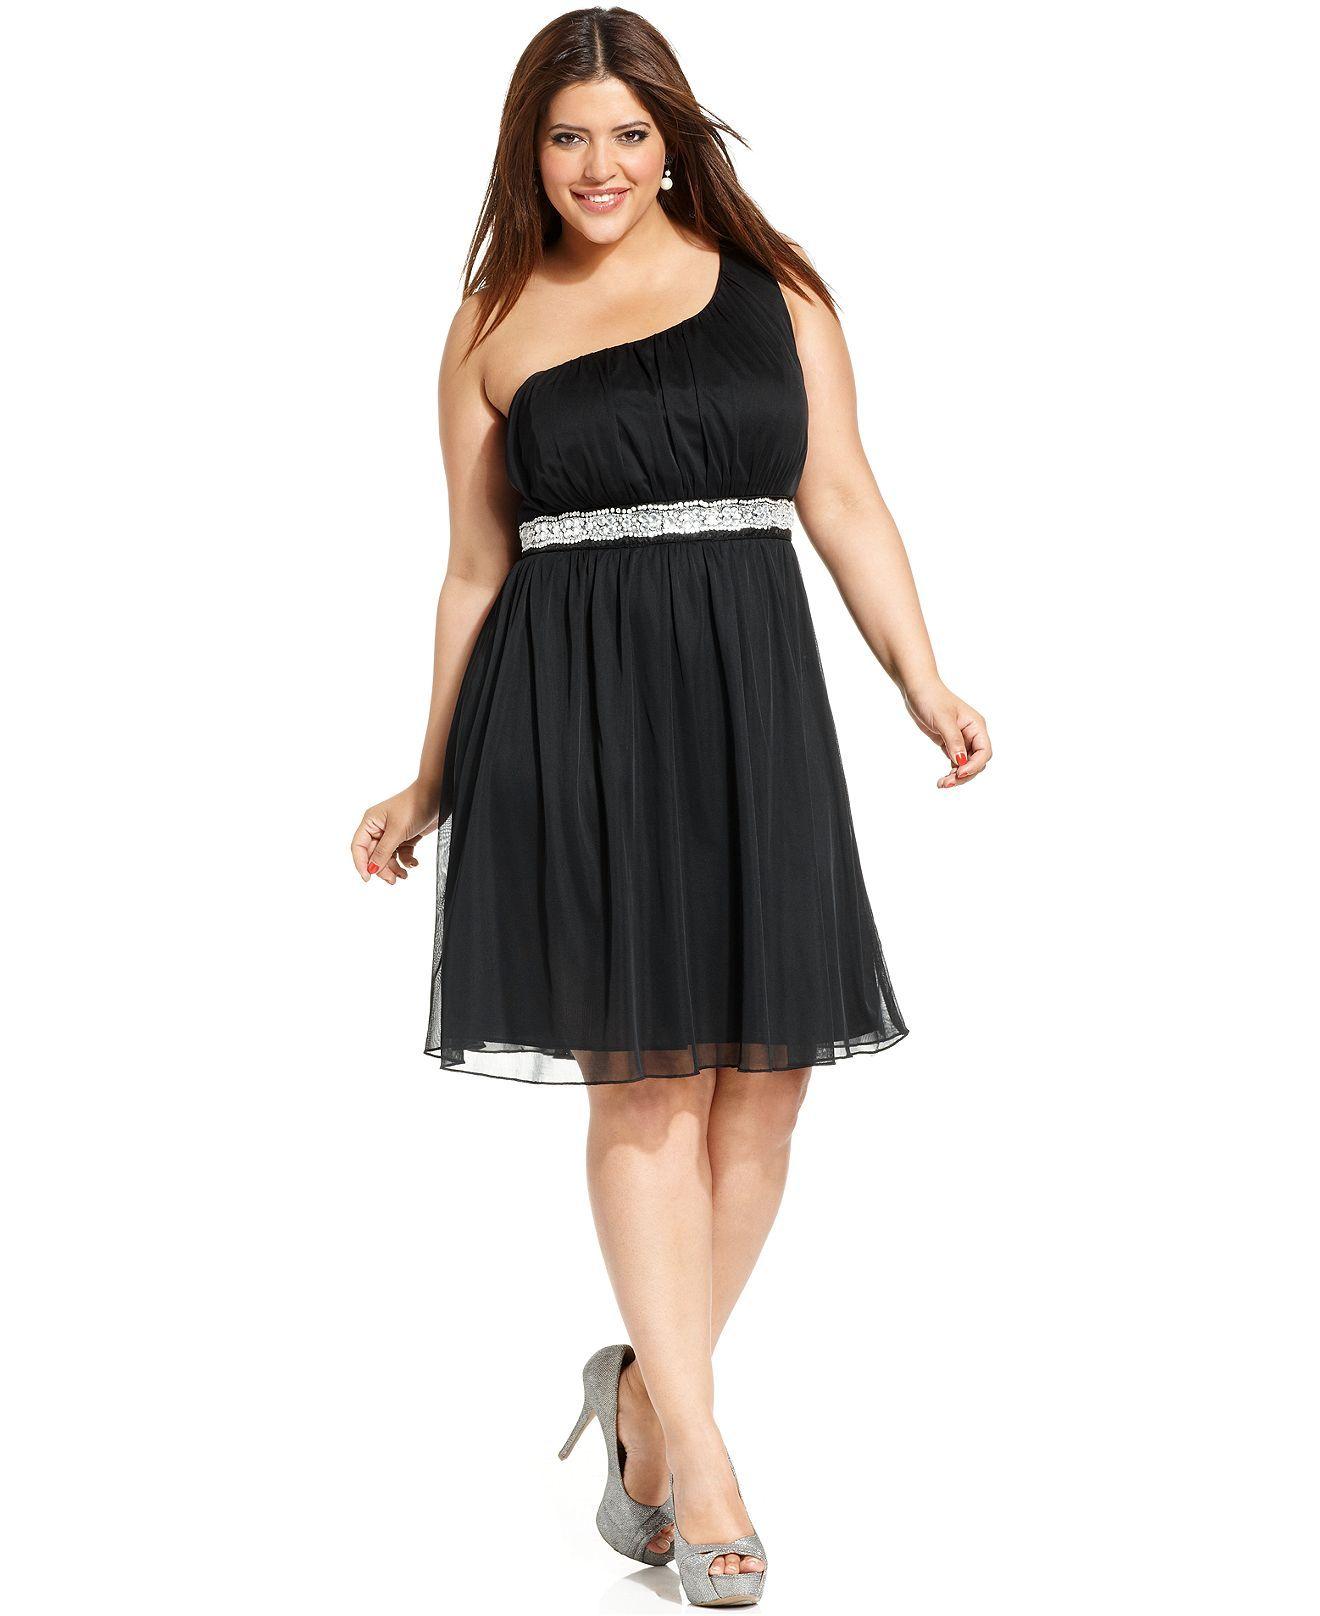 Trixxi plus size dress oneshoulder embellished plus size dresses